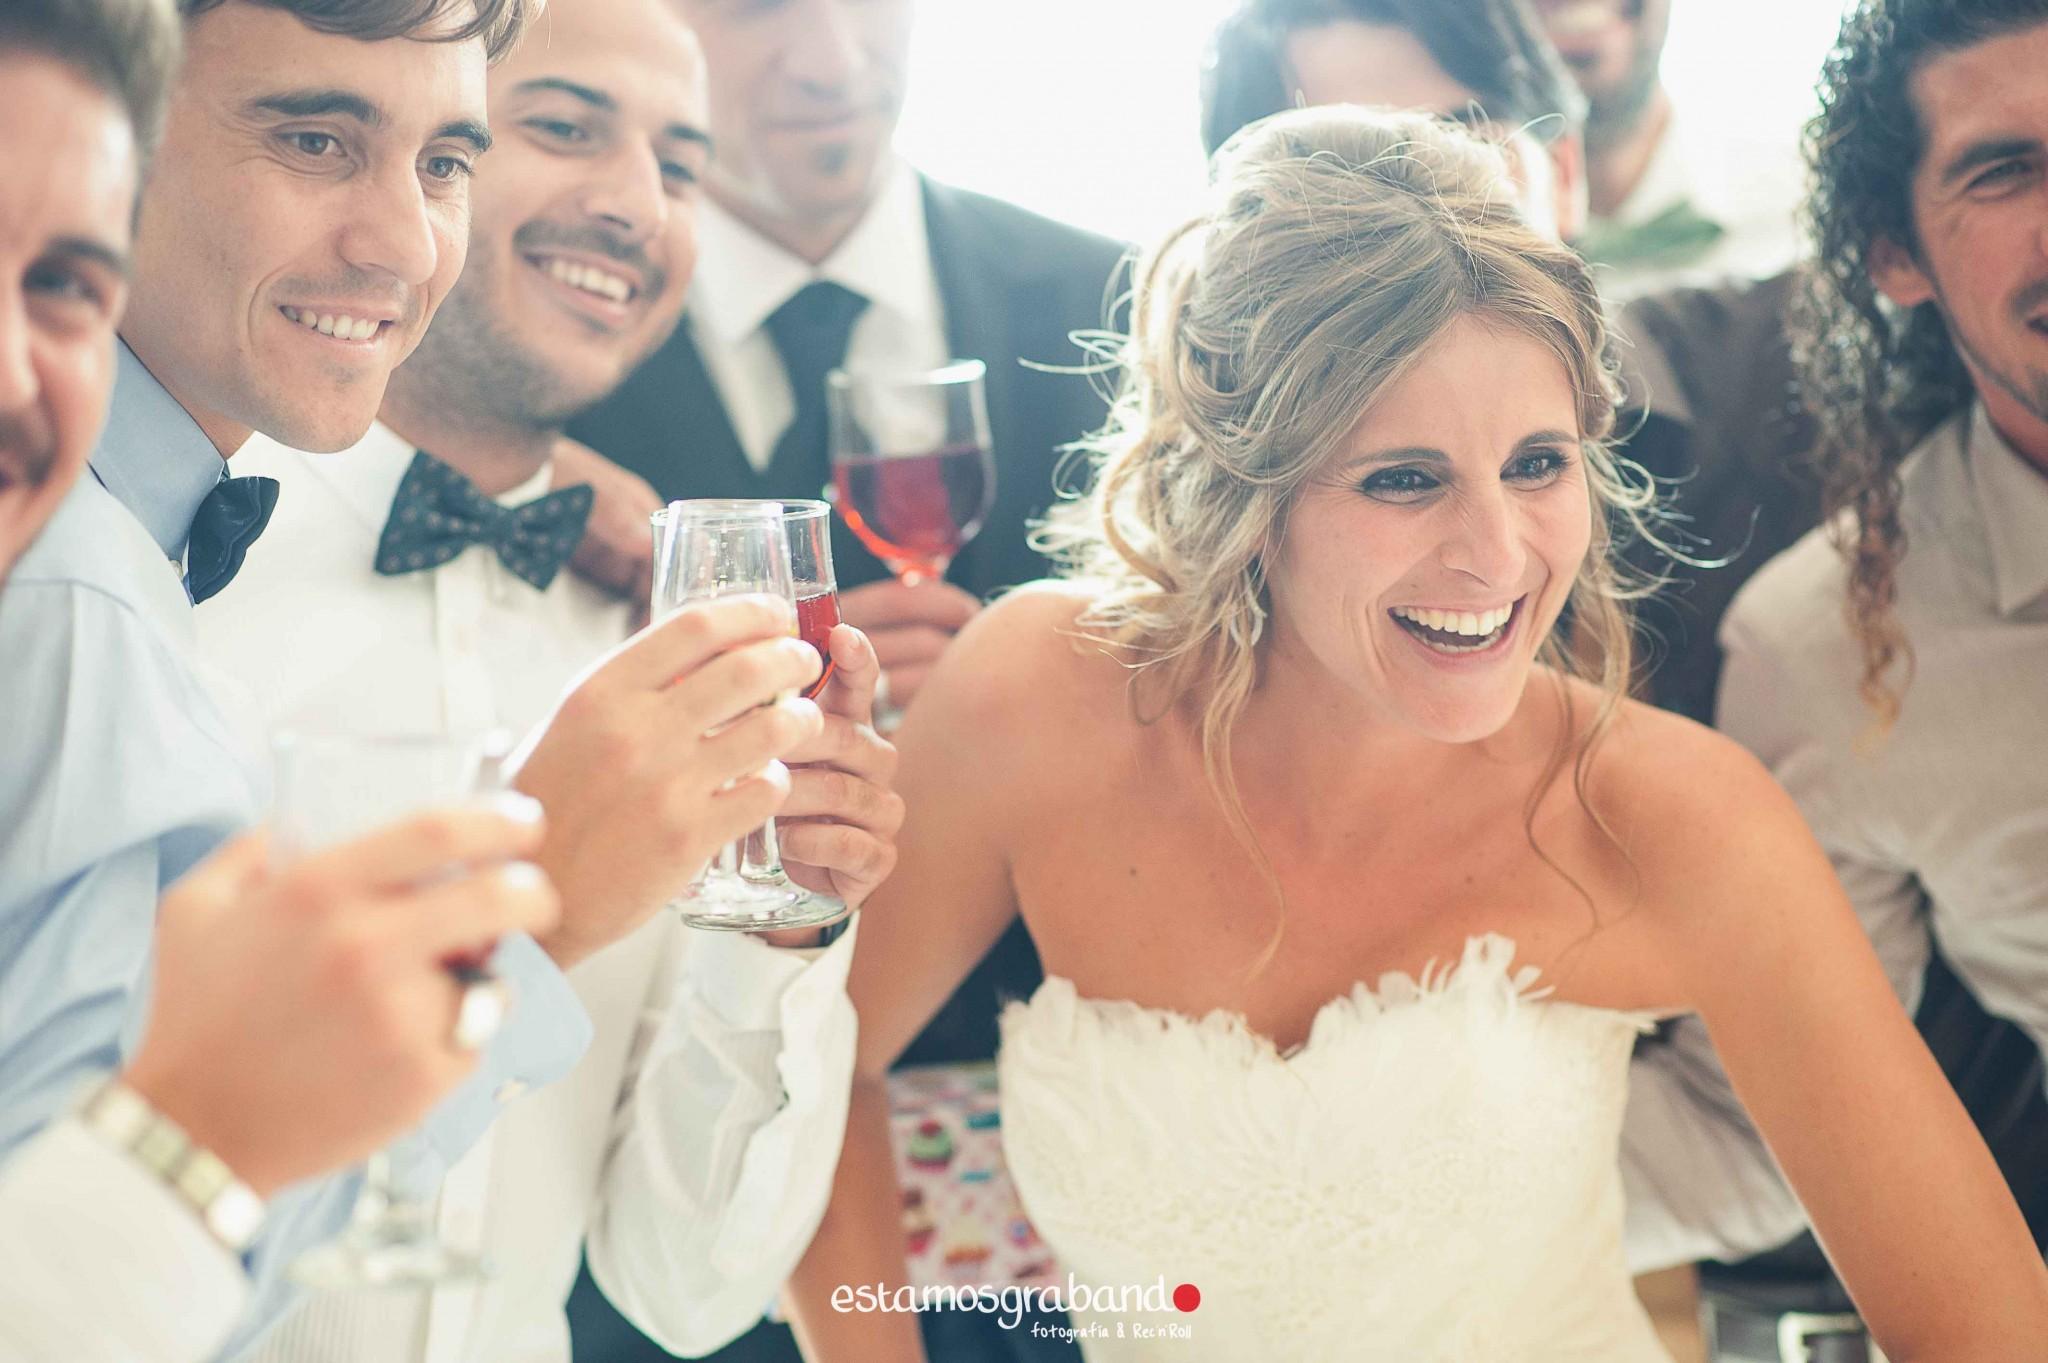 fotografia-de-boda_boda-en-cadiz_reportaje-de-fotos_boda-miriam-y-jesus-25 Emotions made in Cádiz [Fotografía de bodas en Cádiz] - video boda cadiz